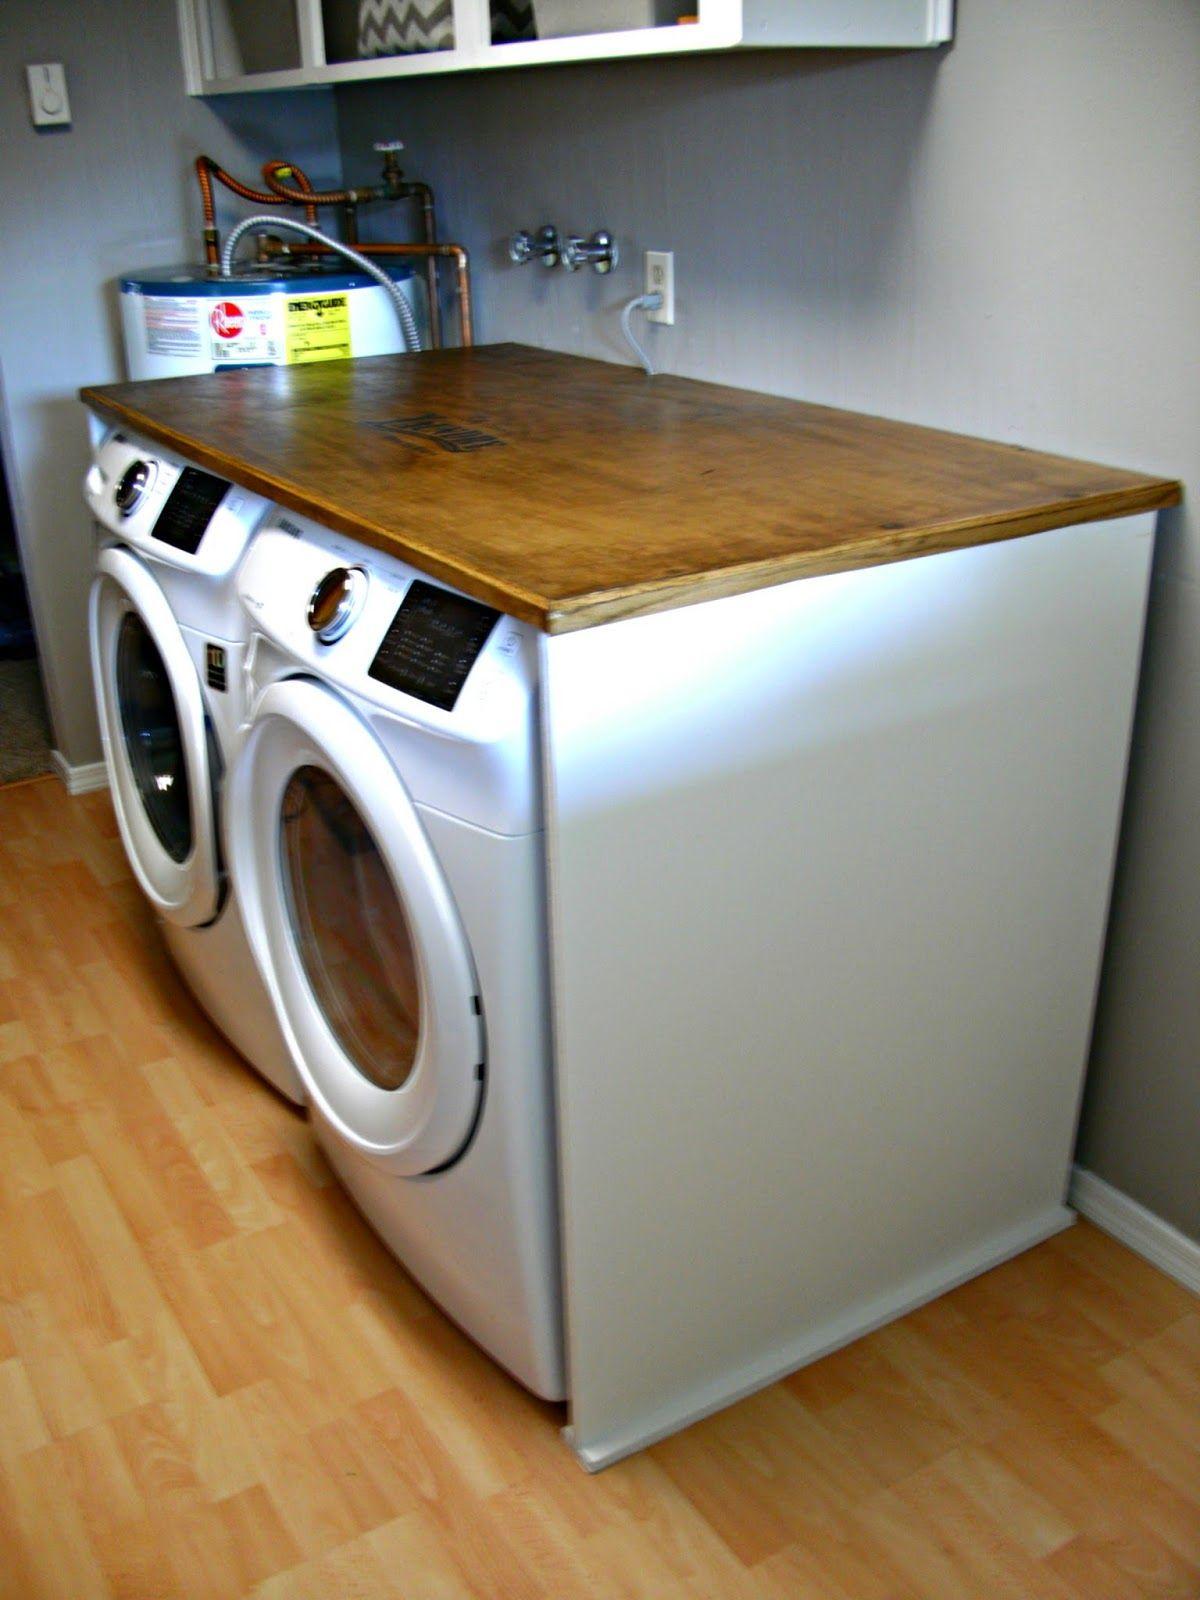 Laundry Room Redo Diy Laundry Folding Table Laundry Room Diy